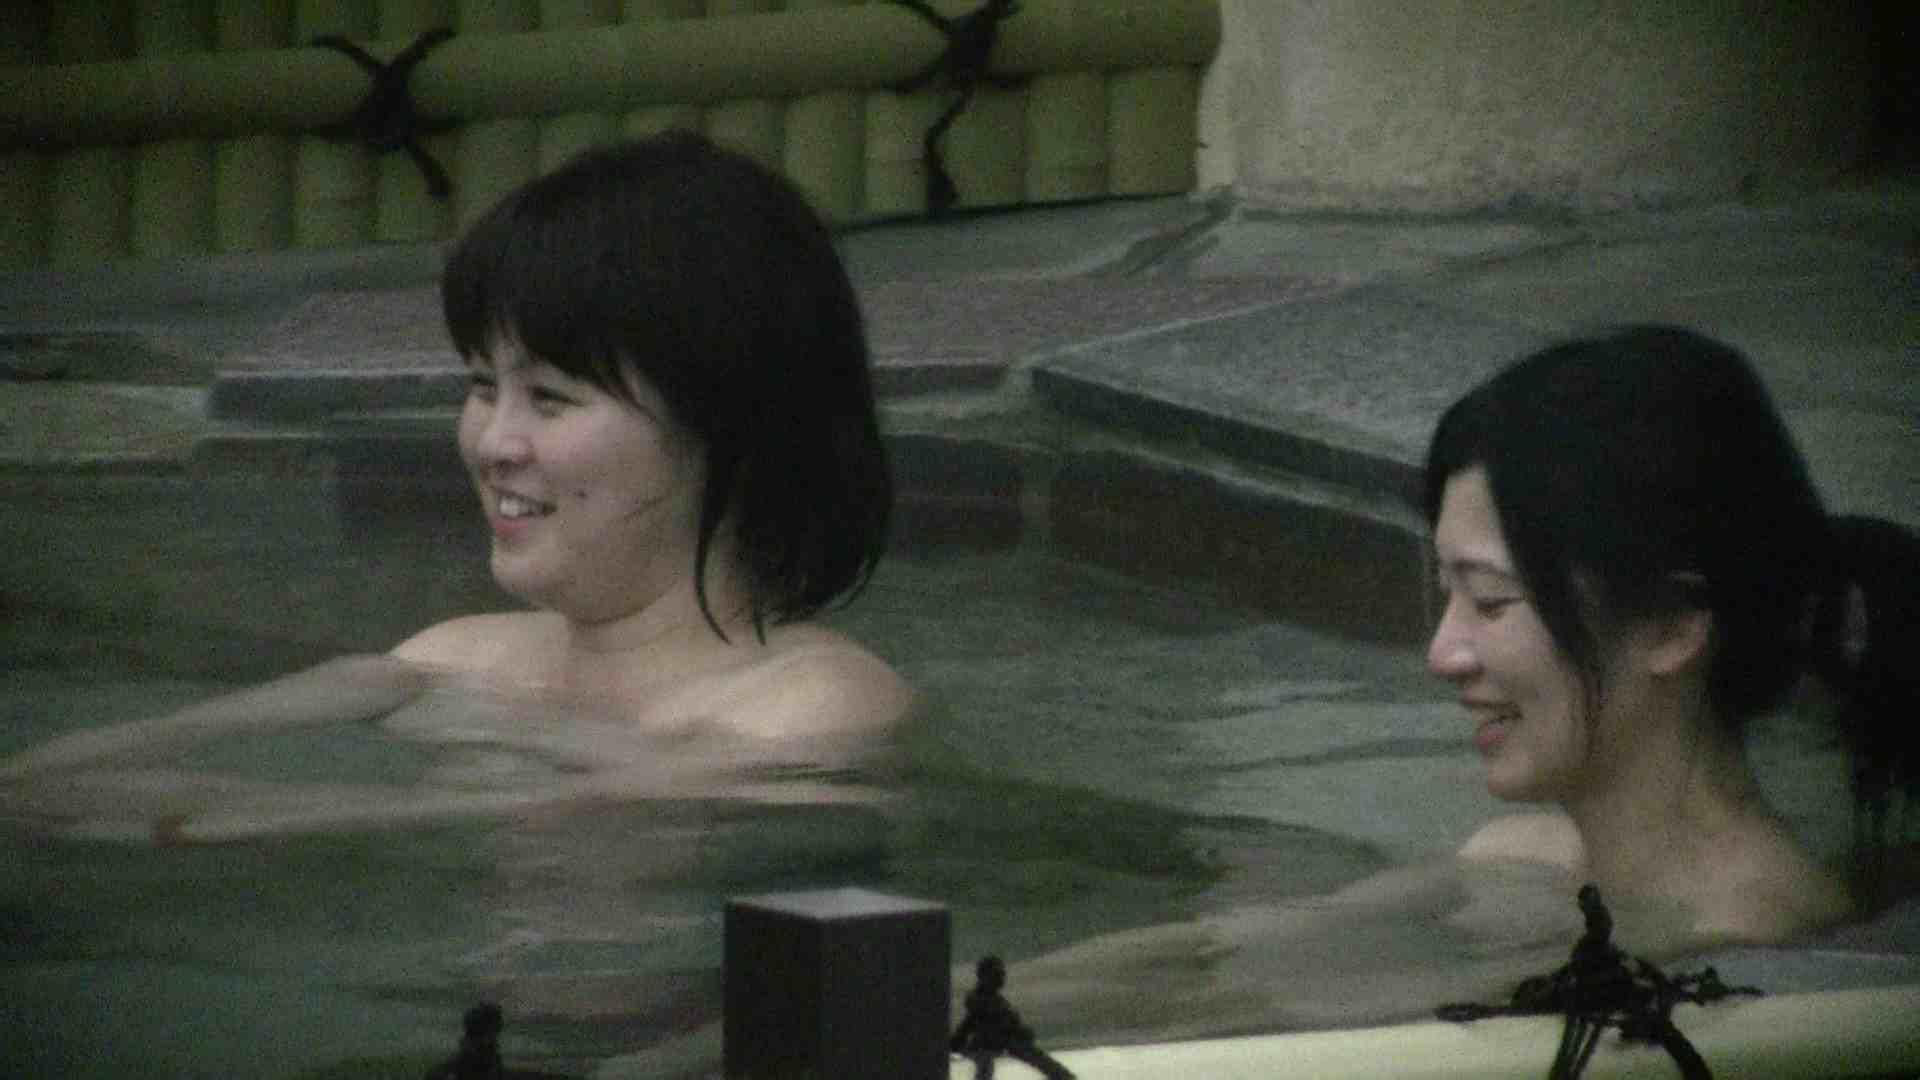 Aquaな露天風呂Vol.539 女体盗撮 隠し撮りおまんこ動画流出 88連発 41